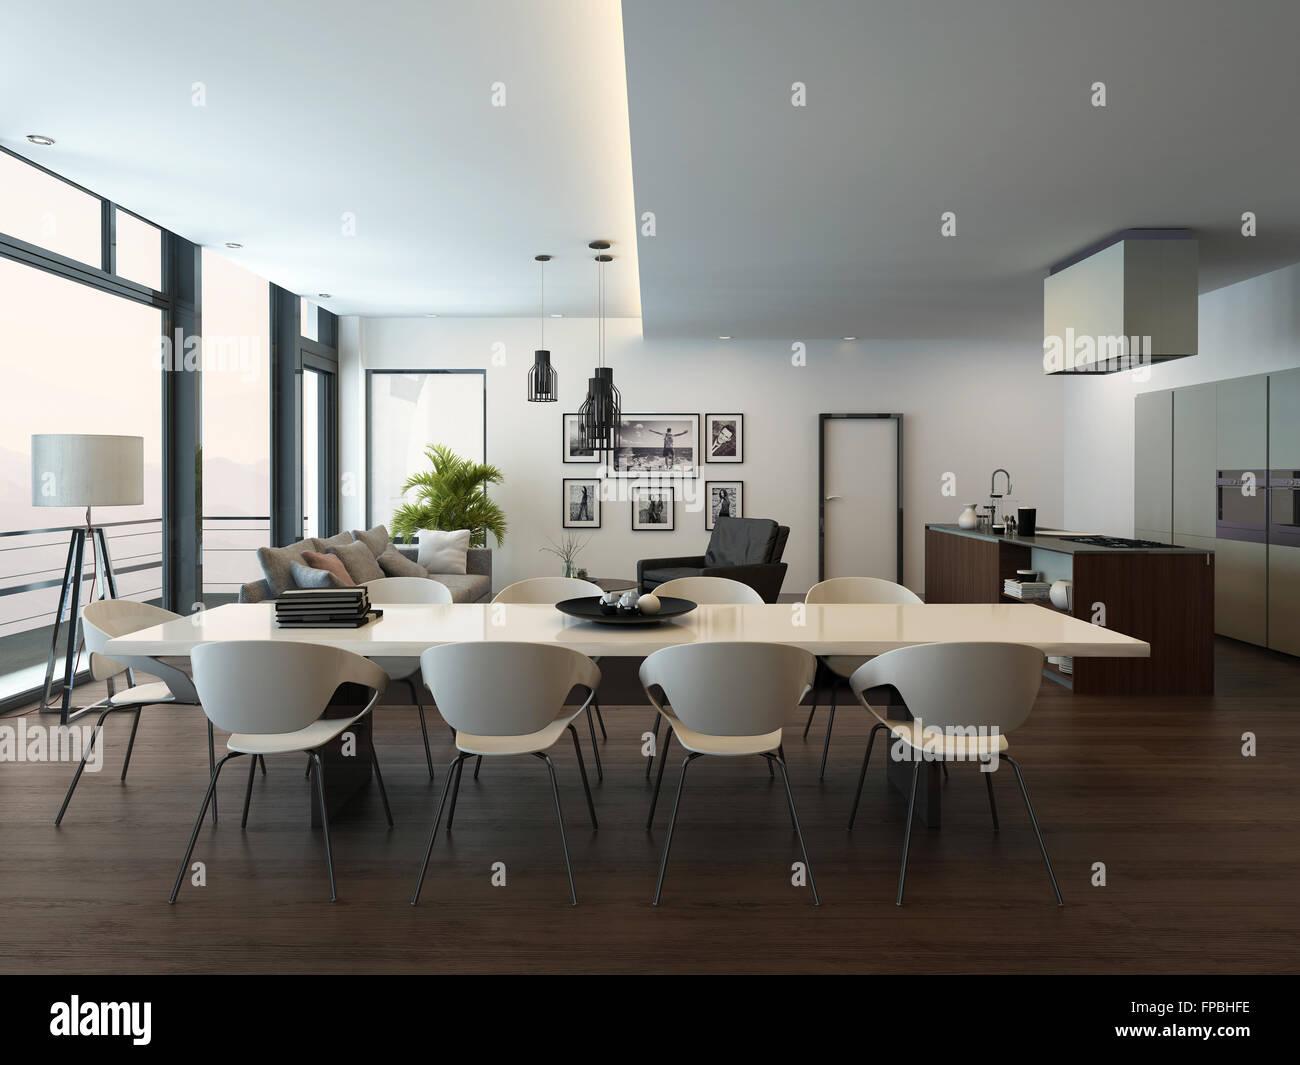 Luxo Moderno Apartamento Sala Interior Com Piso Em Parquet Branco